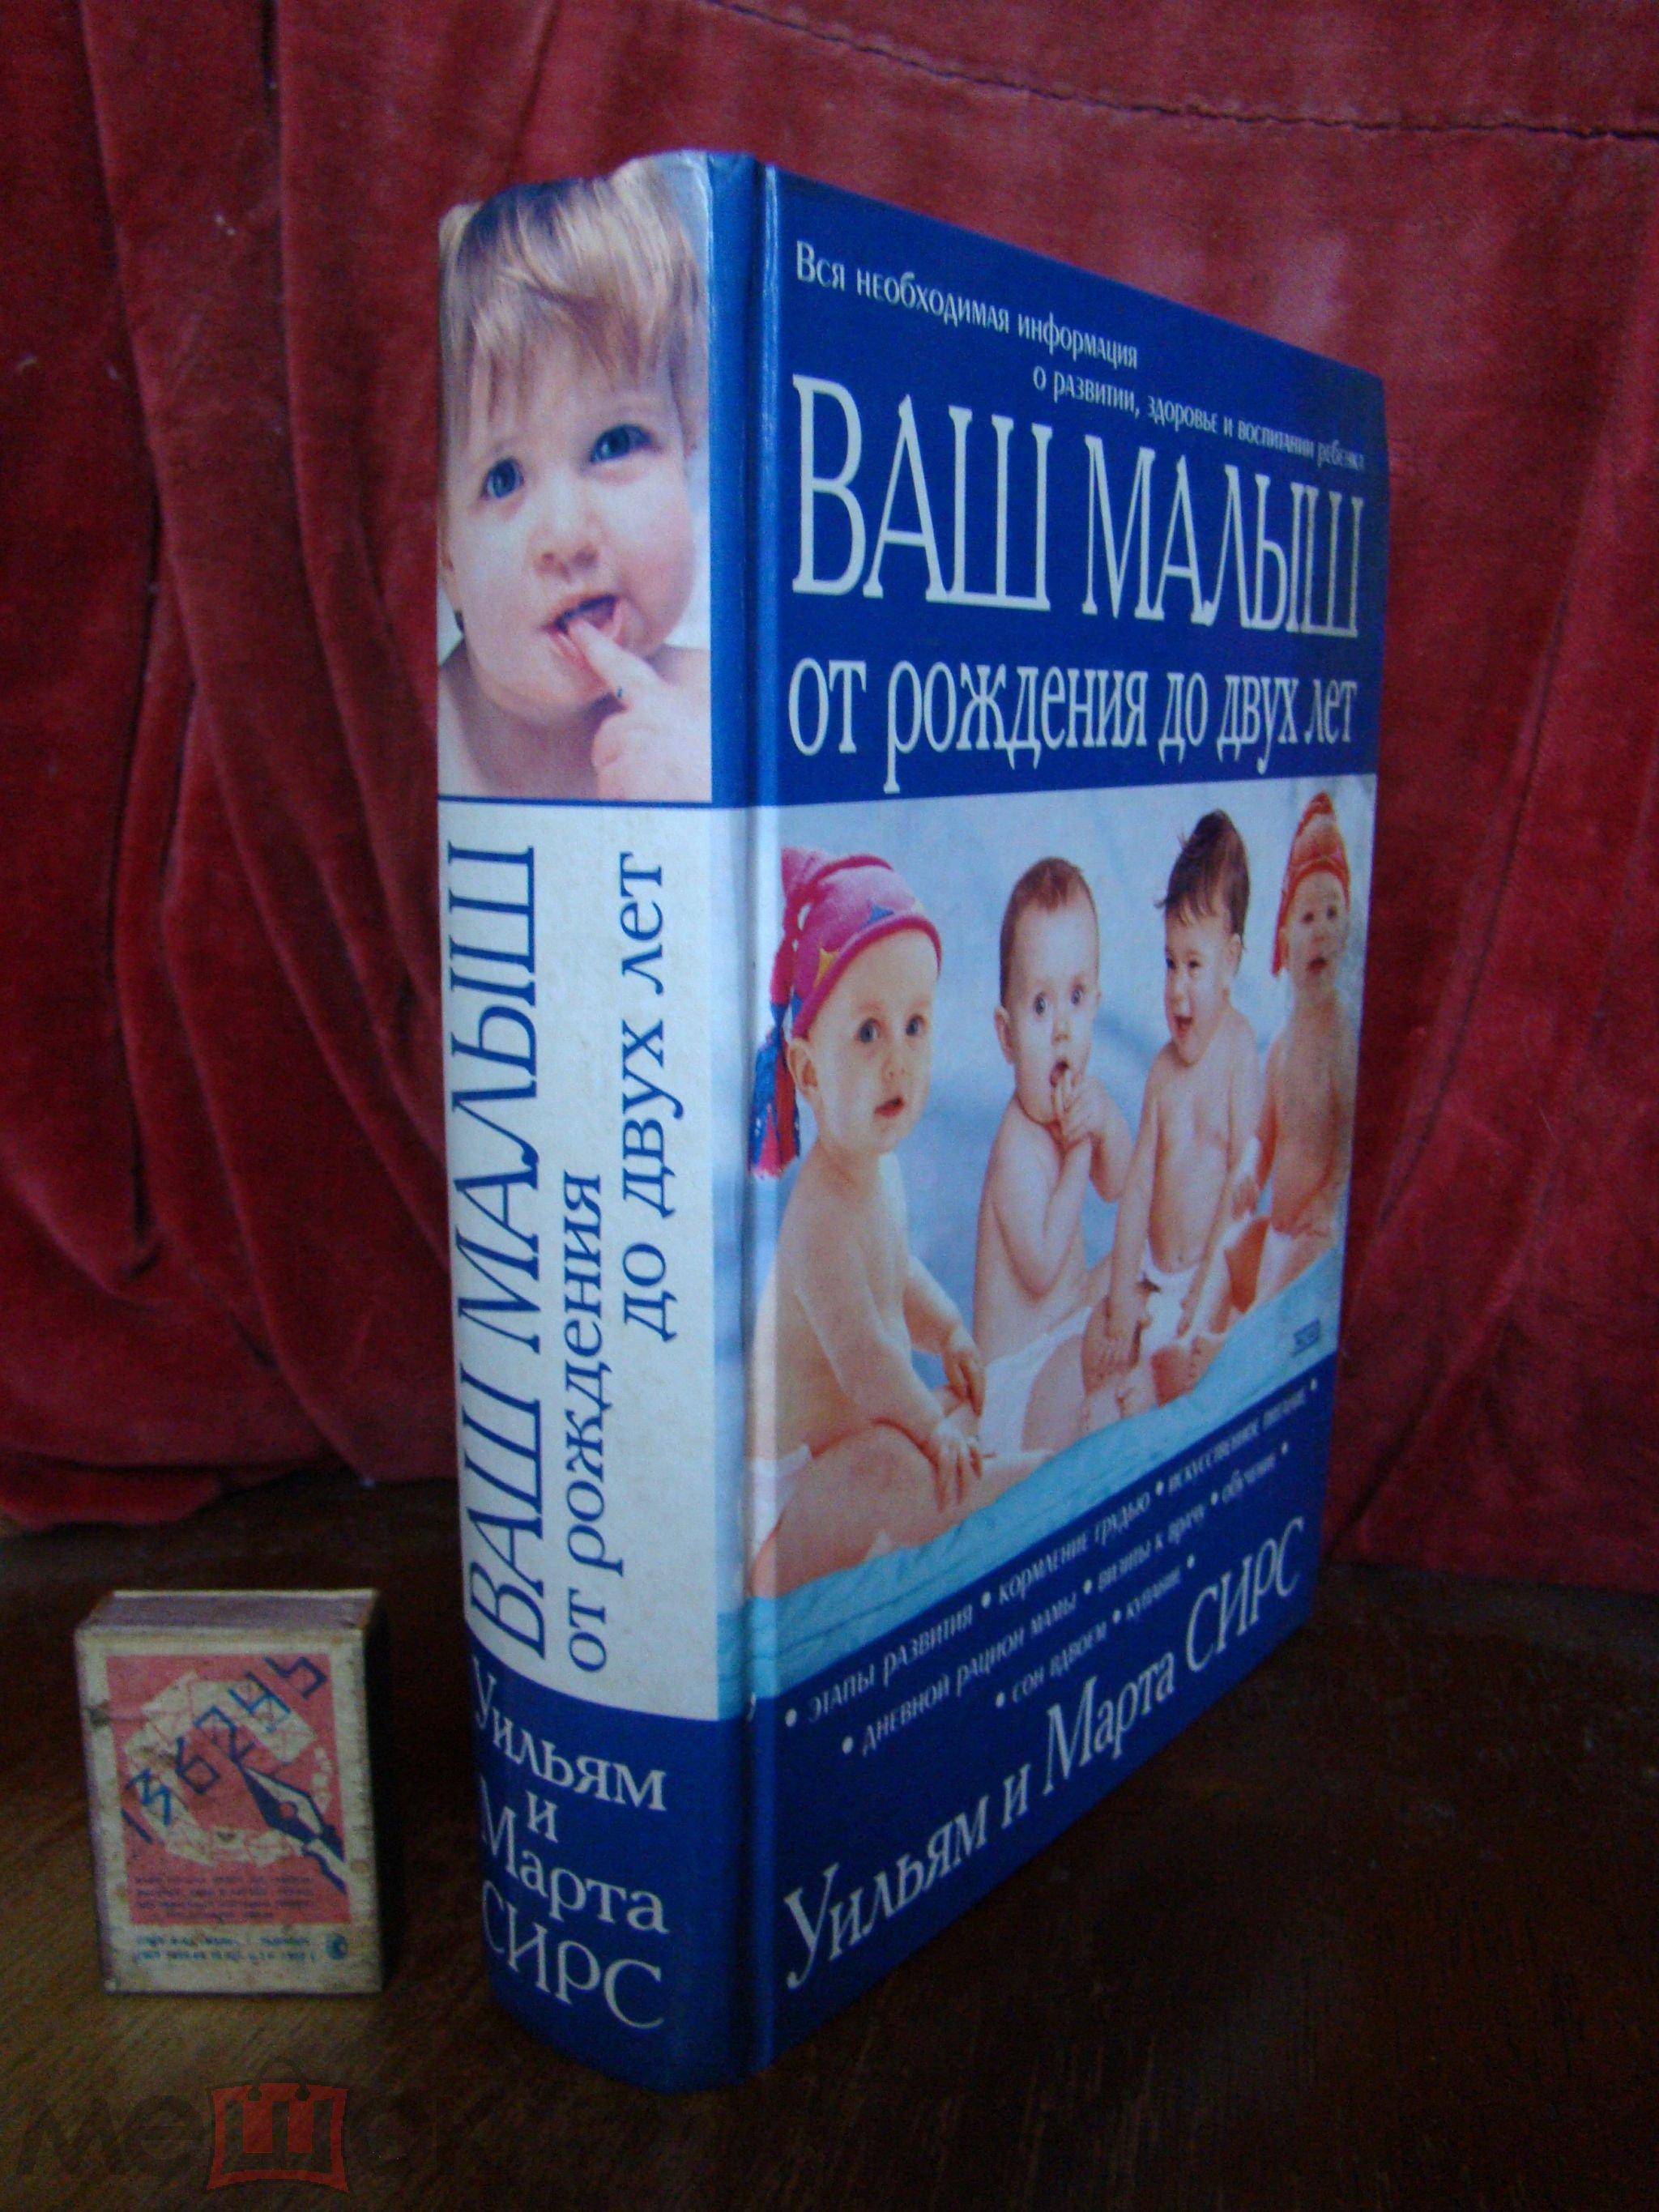 Марта Сирс Ваш малыш от рождения до двух лет.(320)